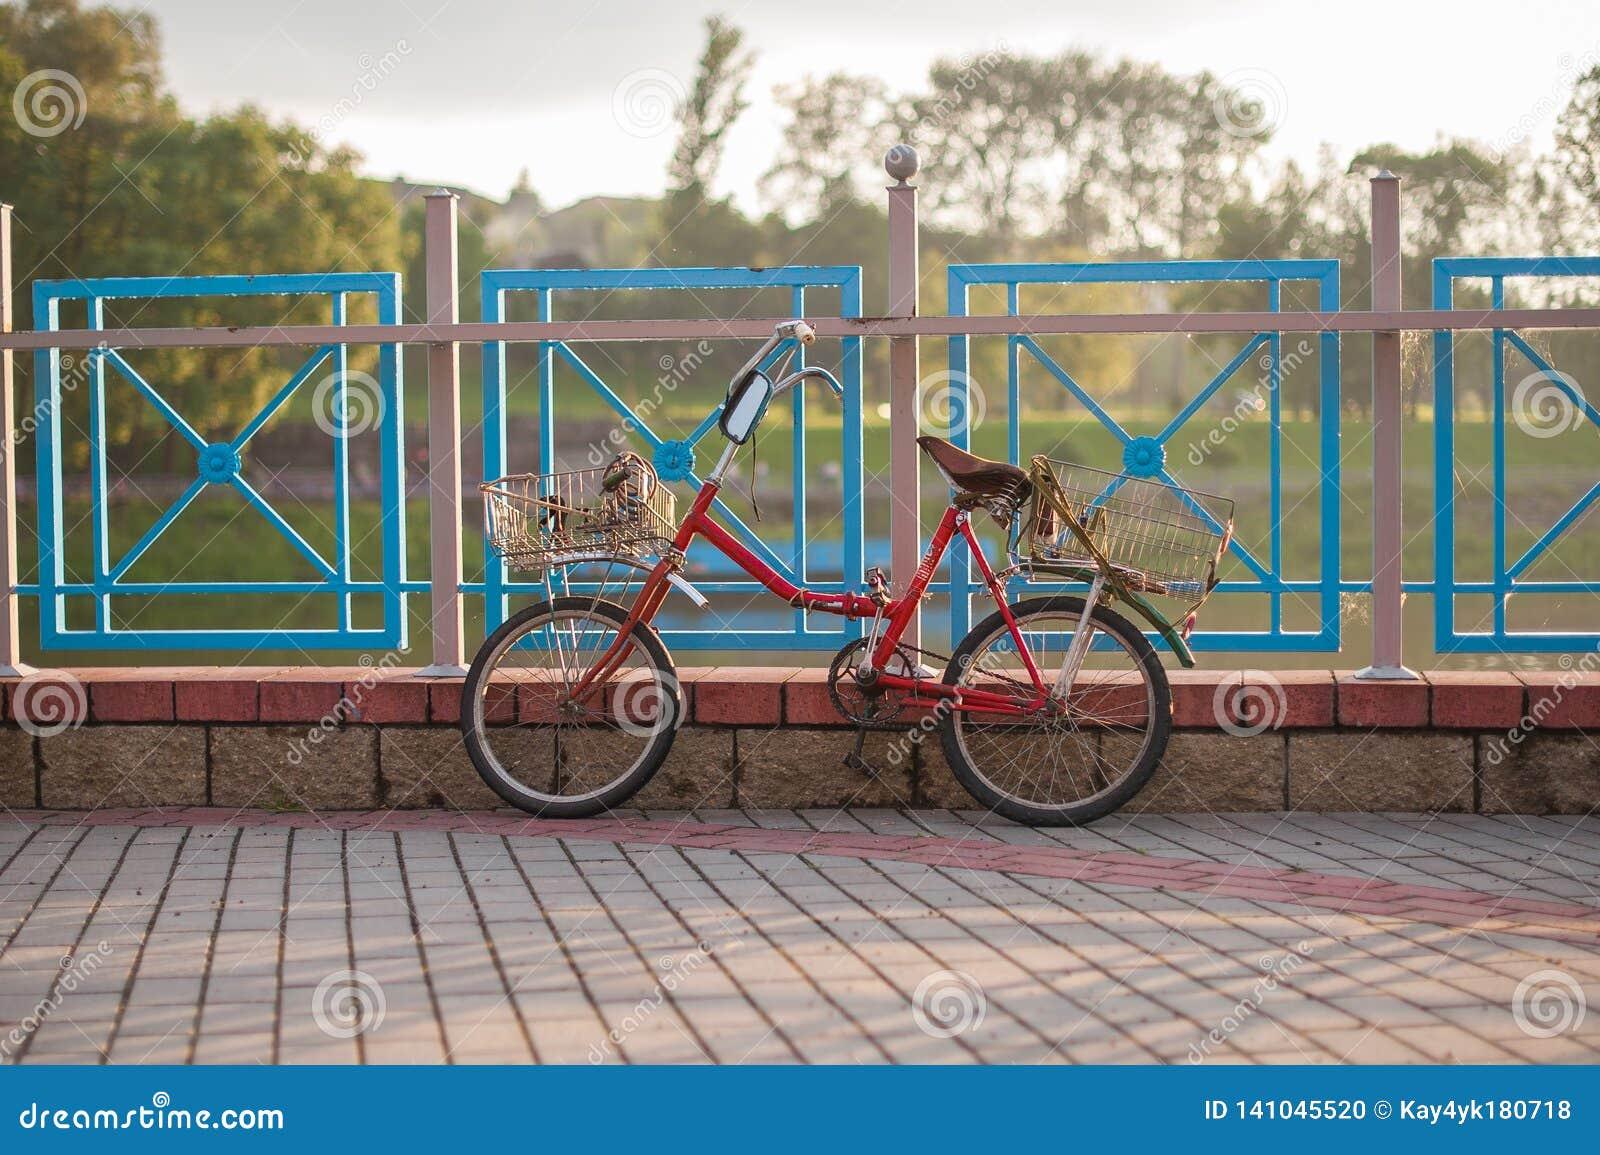 Stary czerwony bicykl z koszy stojakami na ogrodzeniu przy zmierzchem